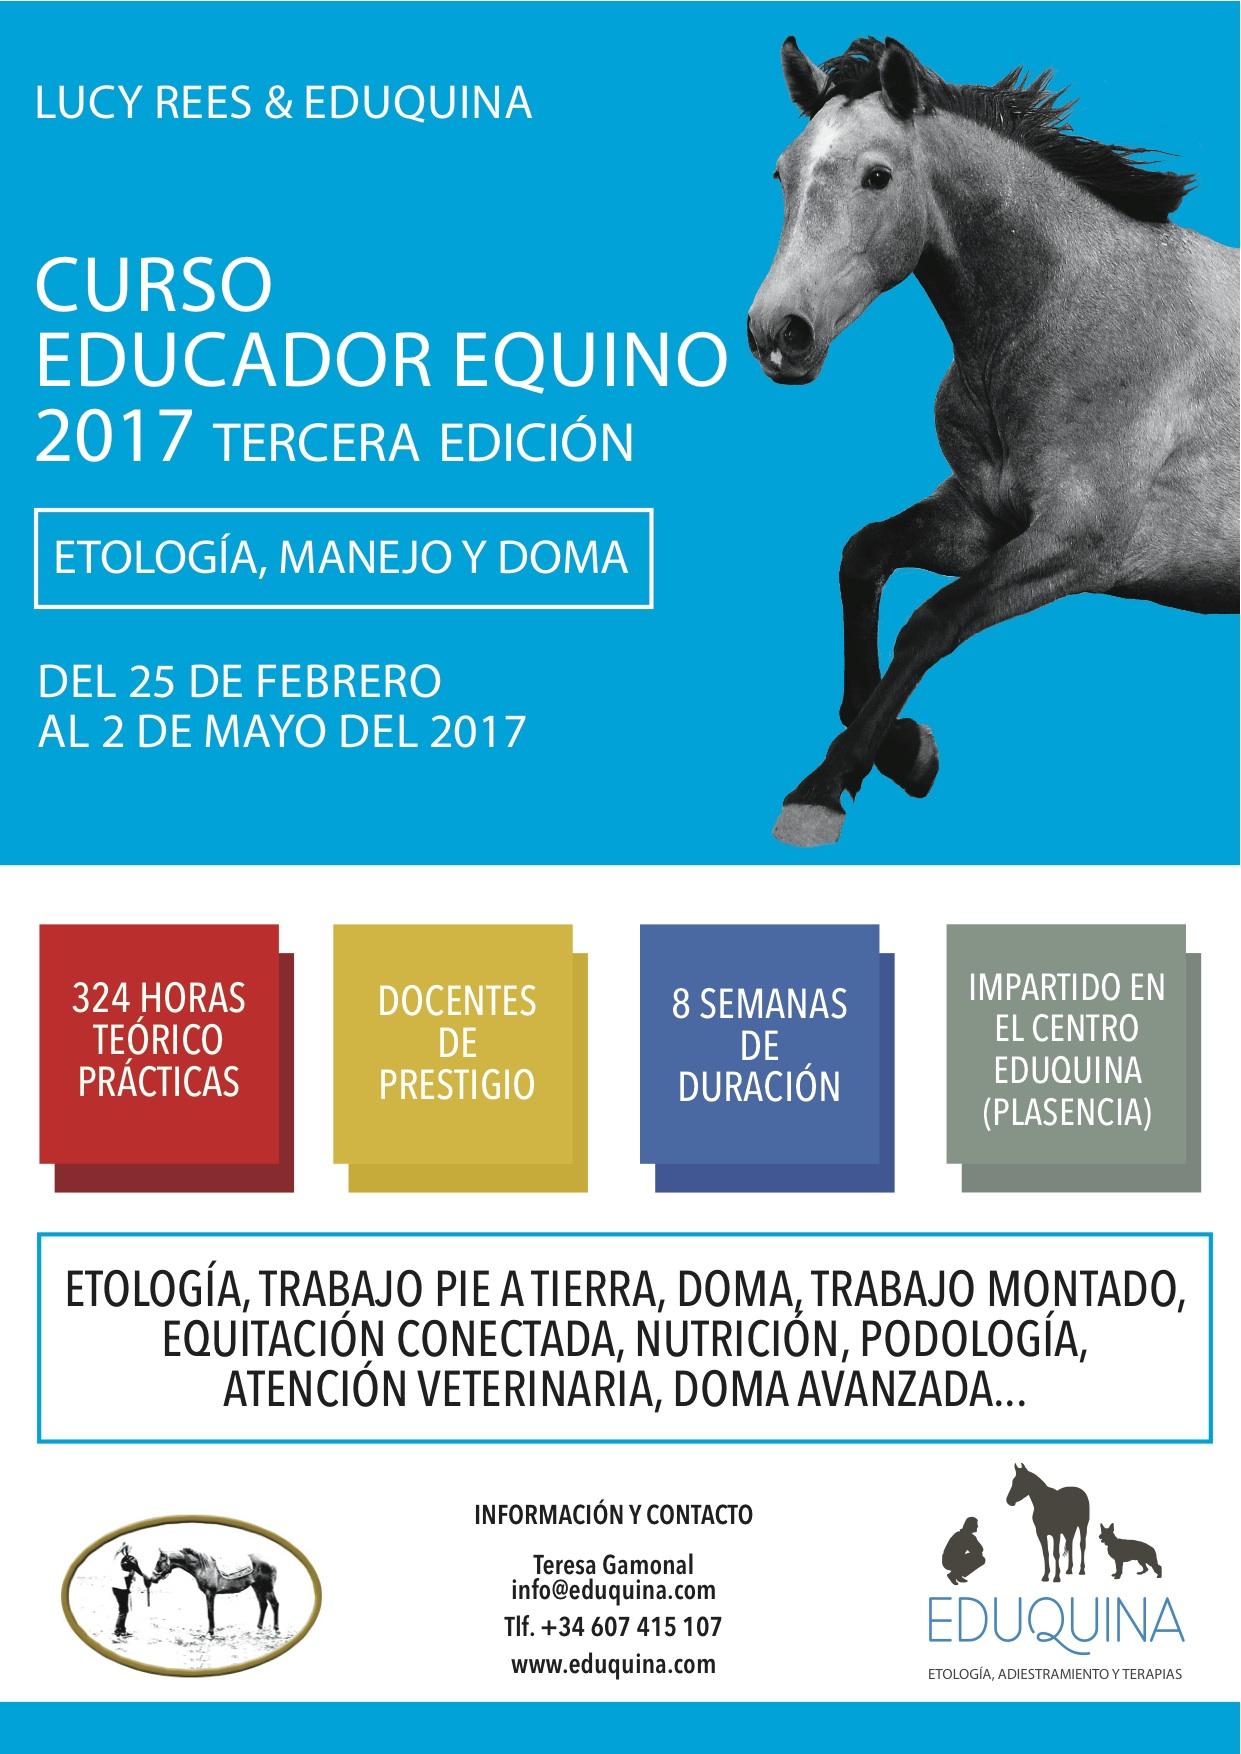 Curso de Educador Equino 2017